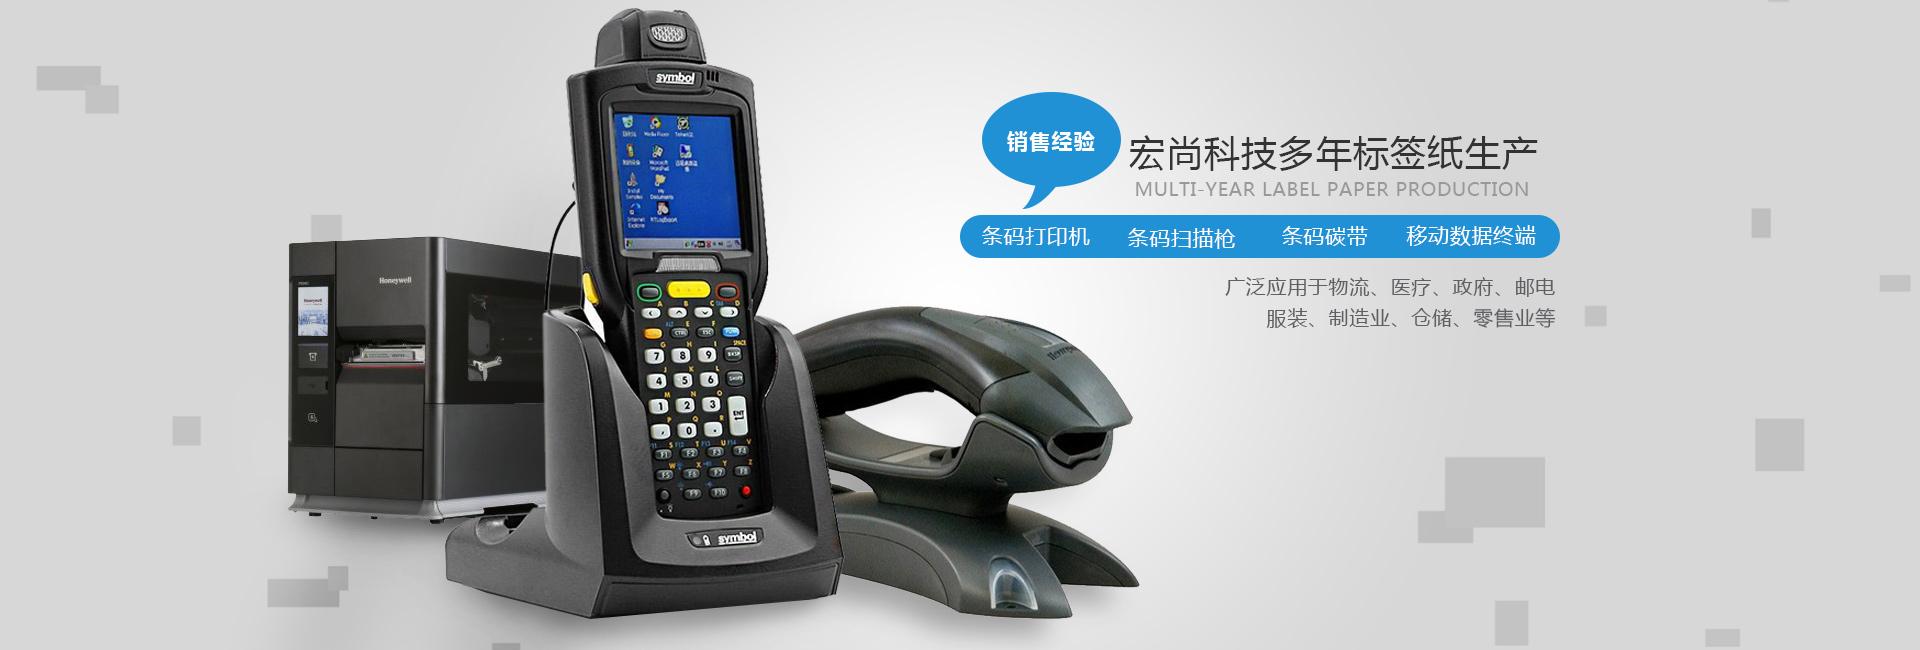 重庆条码纸厂家